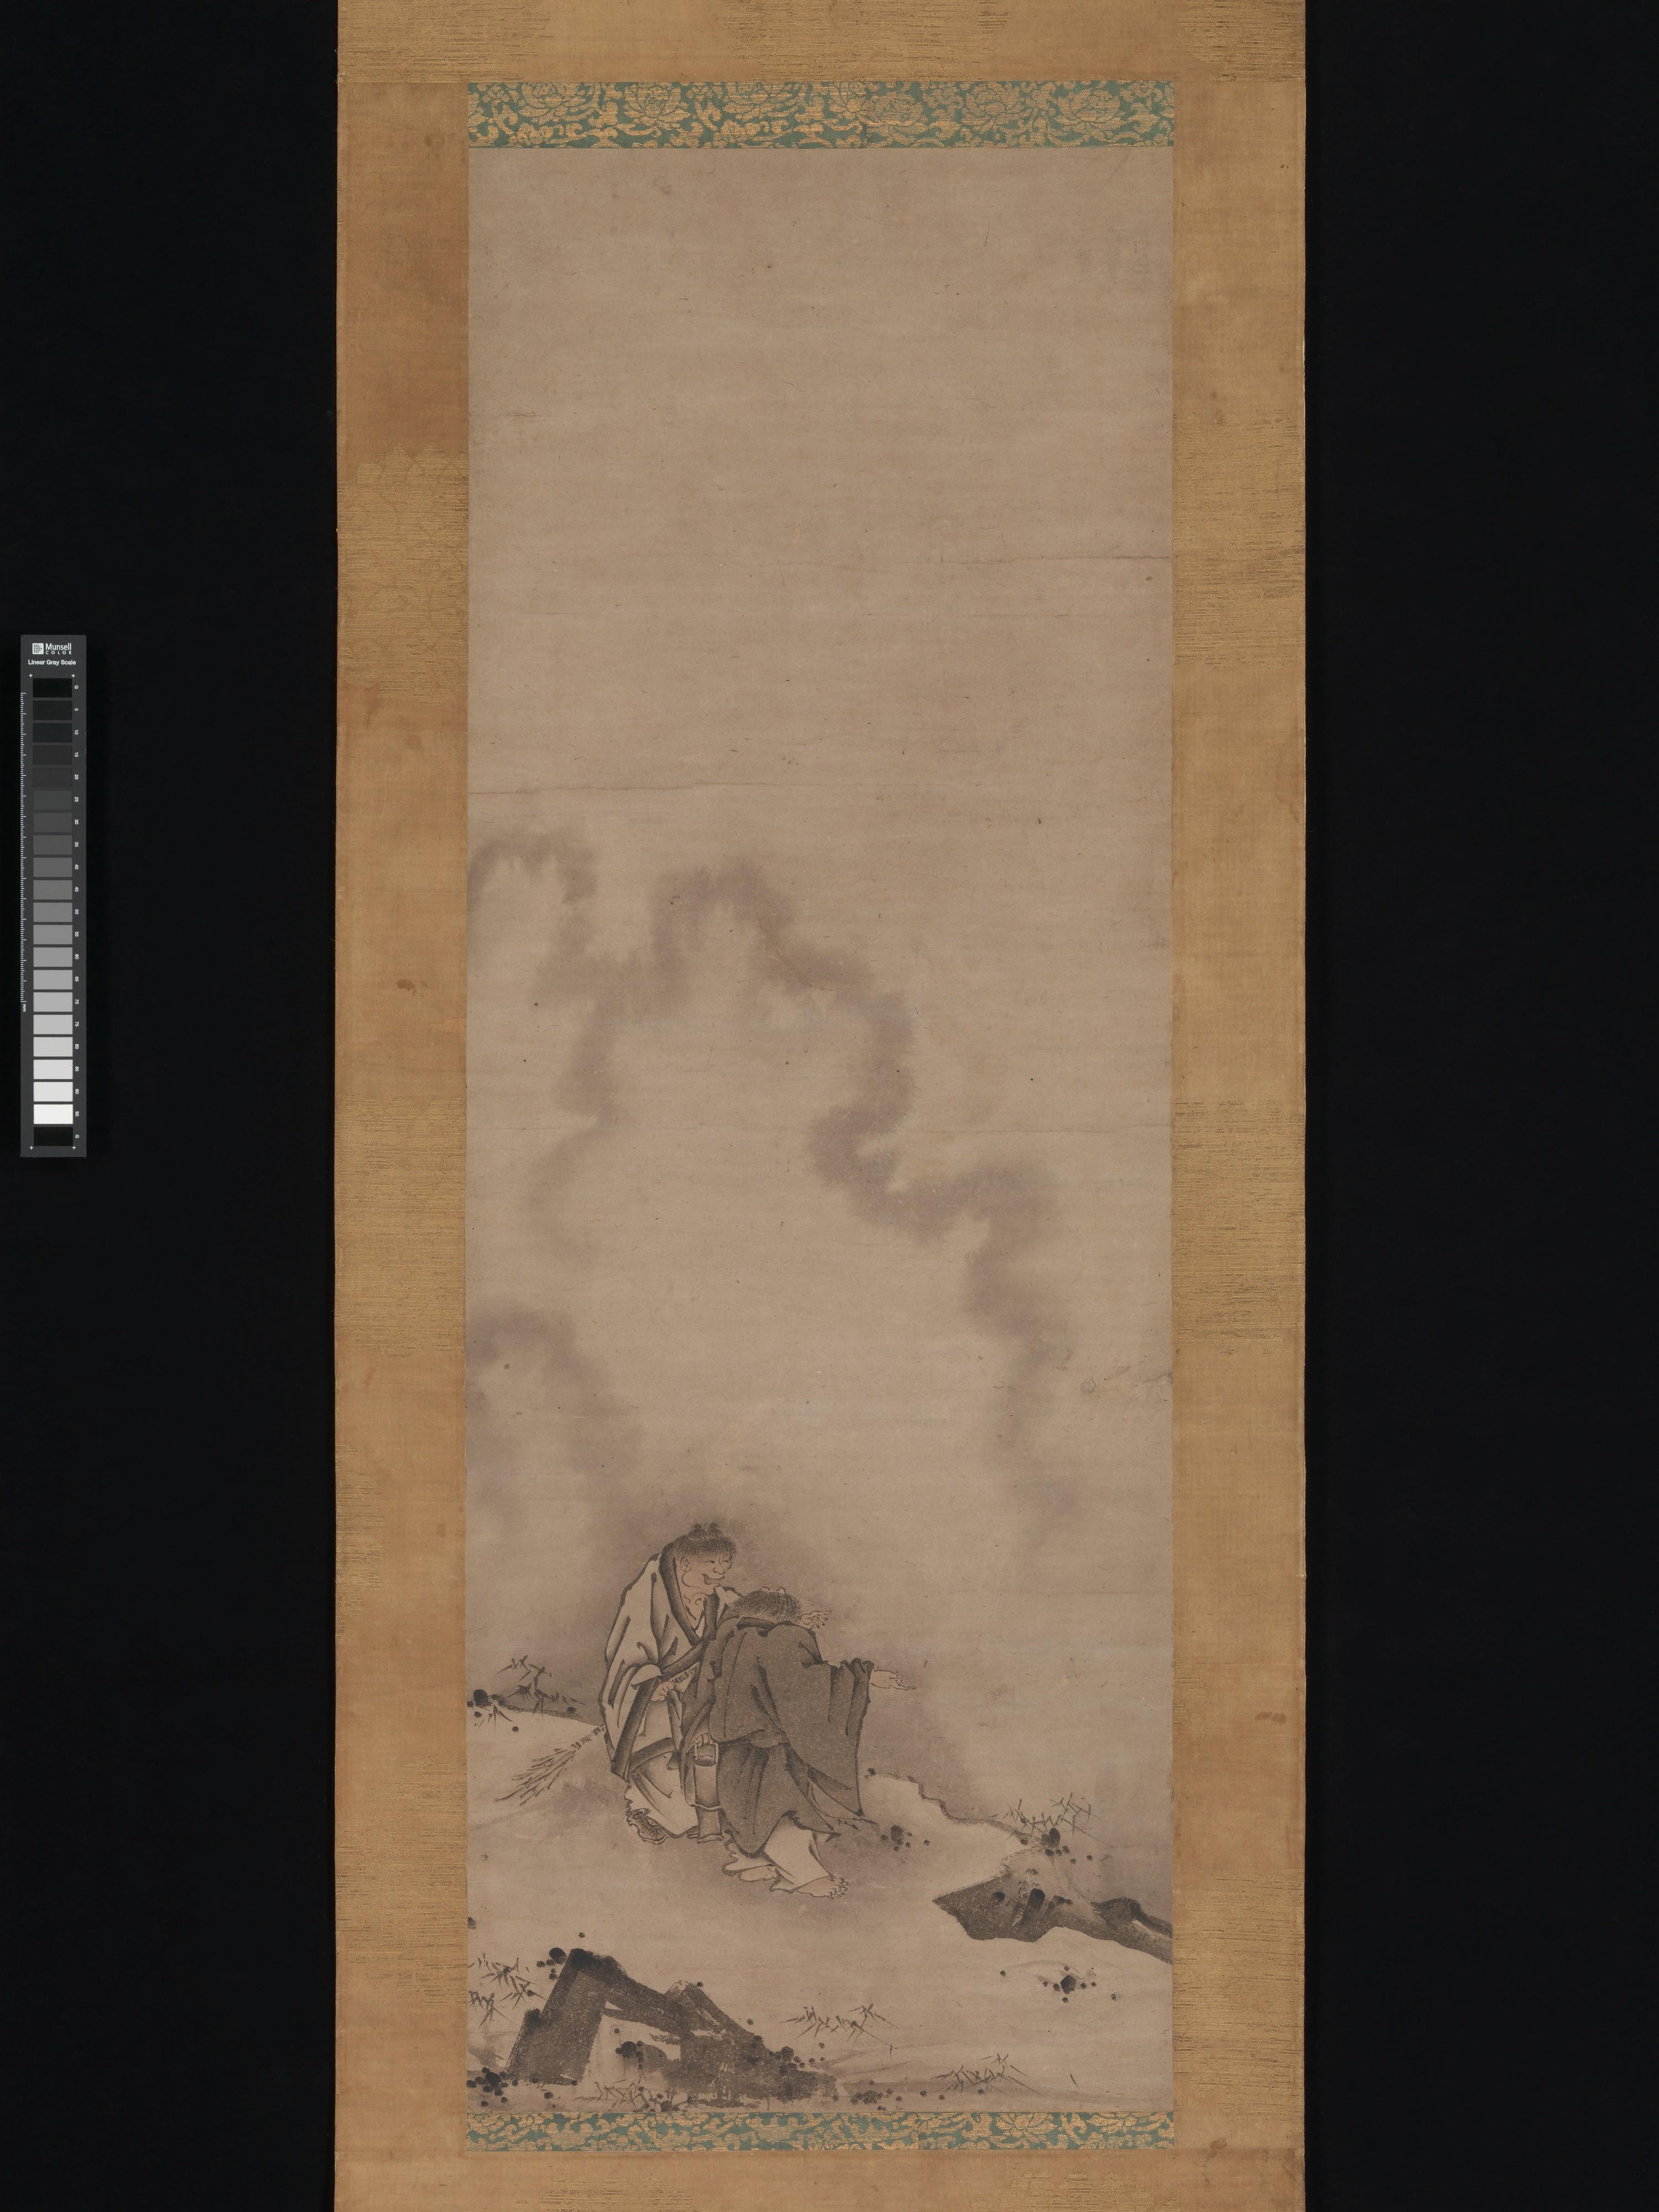 Fenggan chinadaily